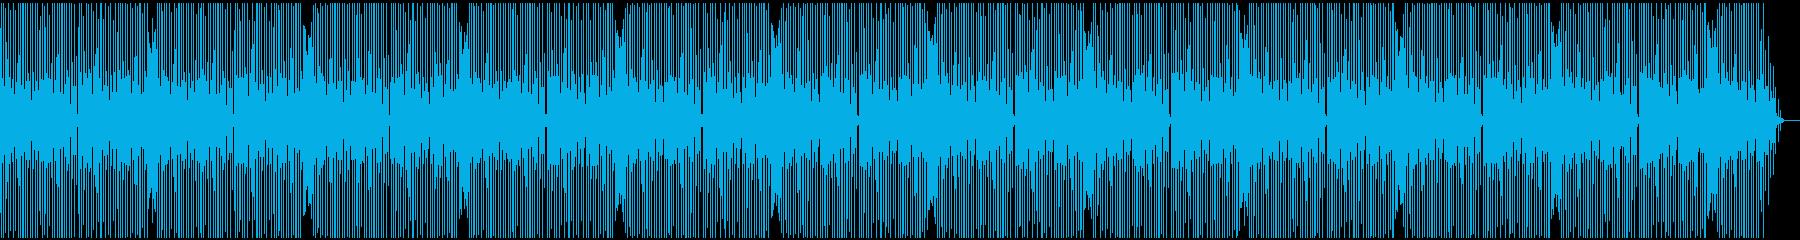 軽快で単純なテクノサウンドの再生済みの波形